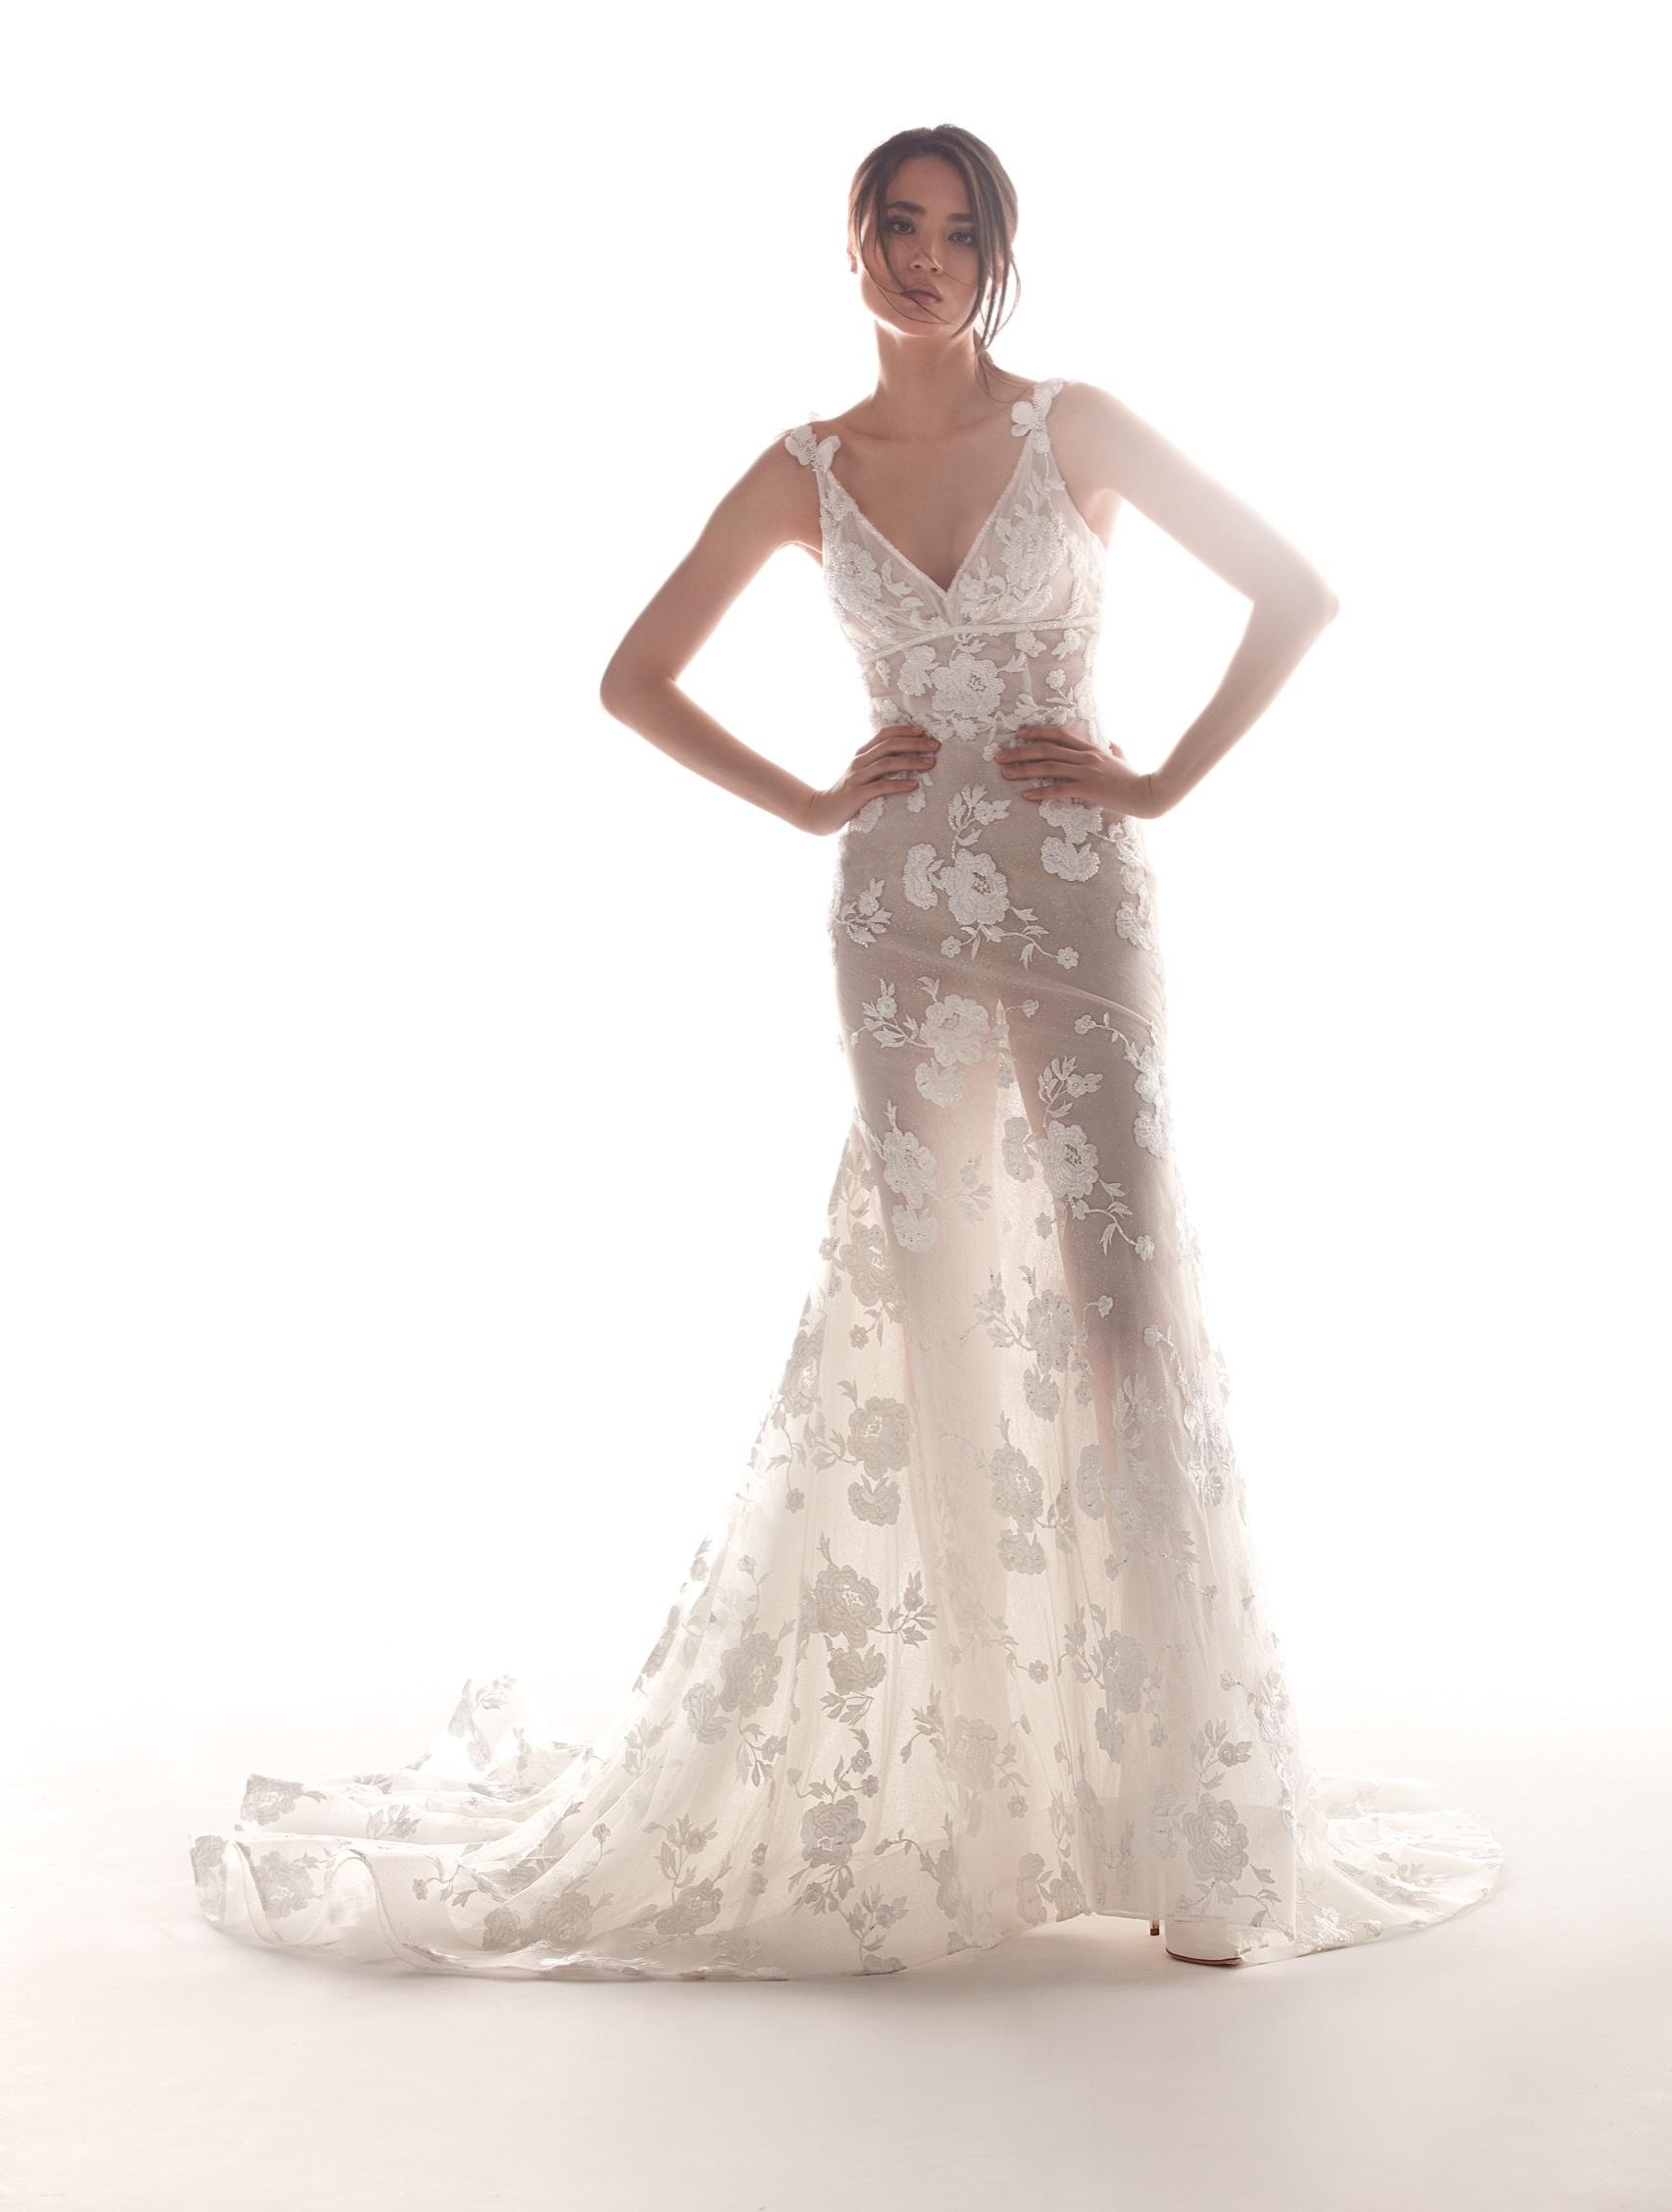 Alessandra-Rinaudo-sposa-2020-4